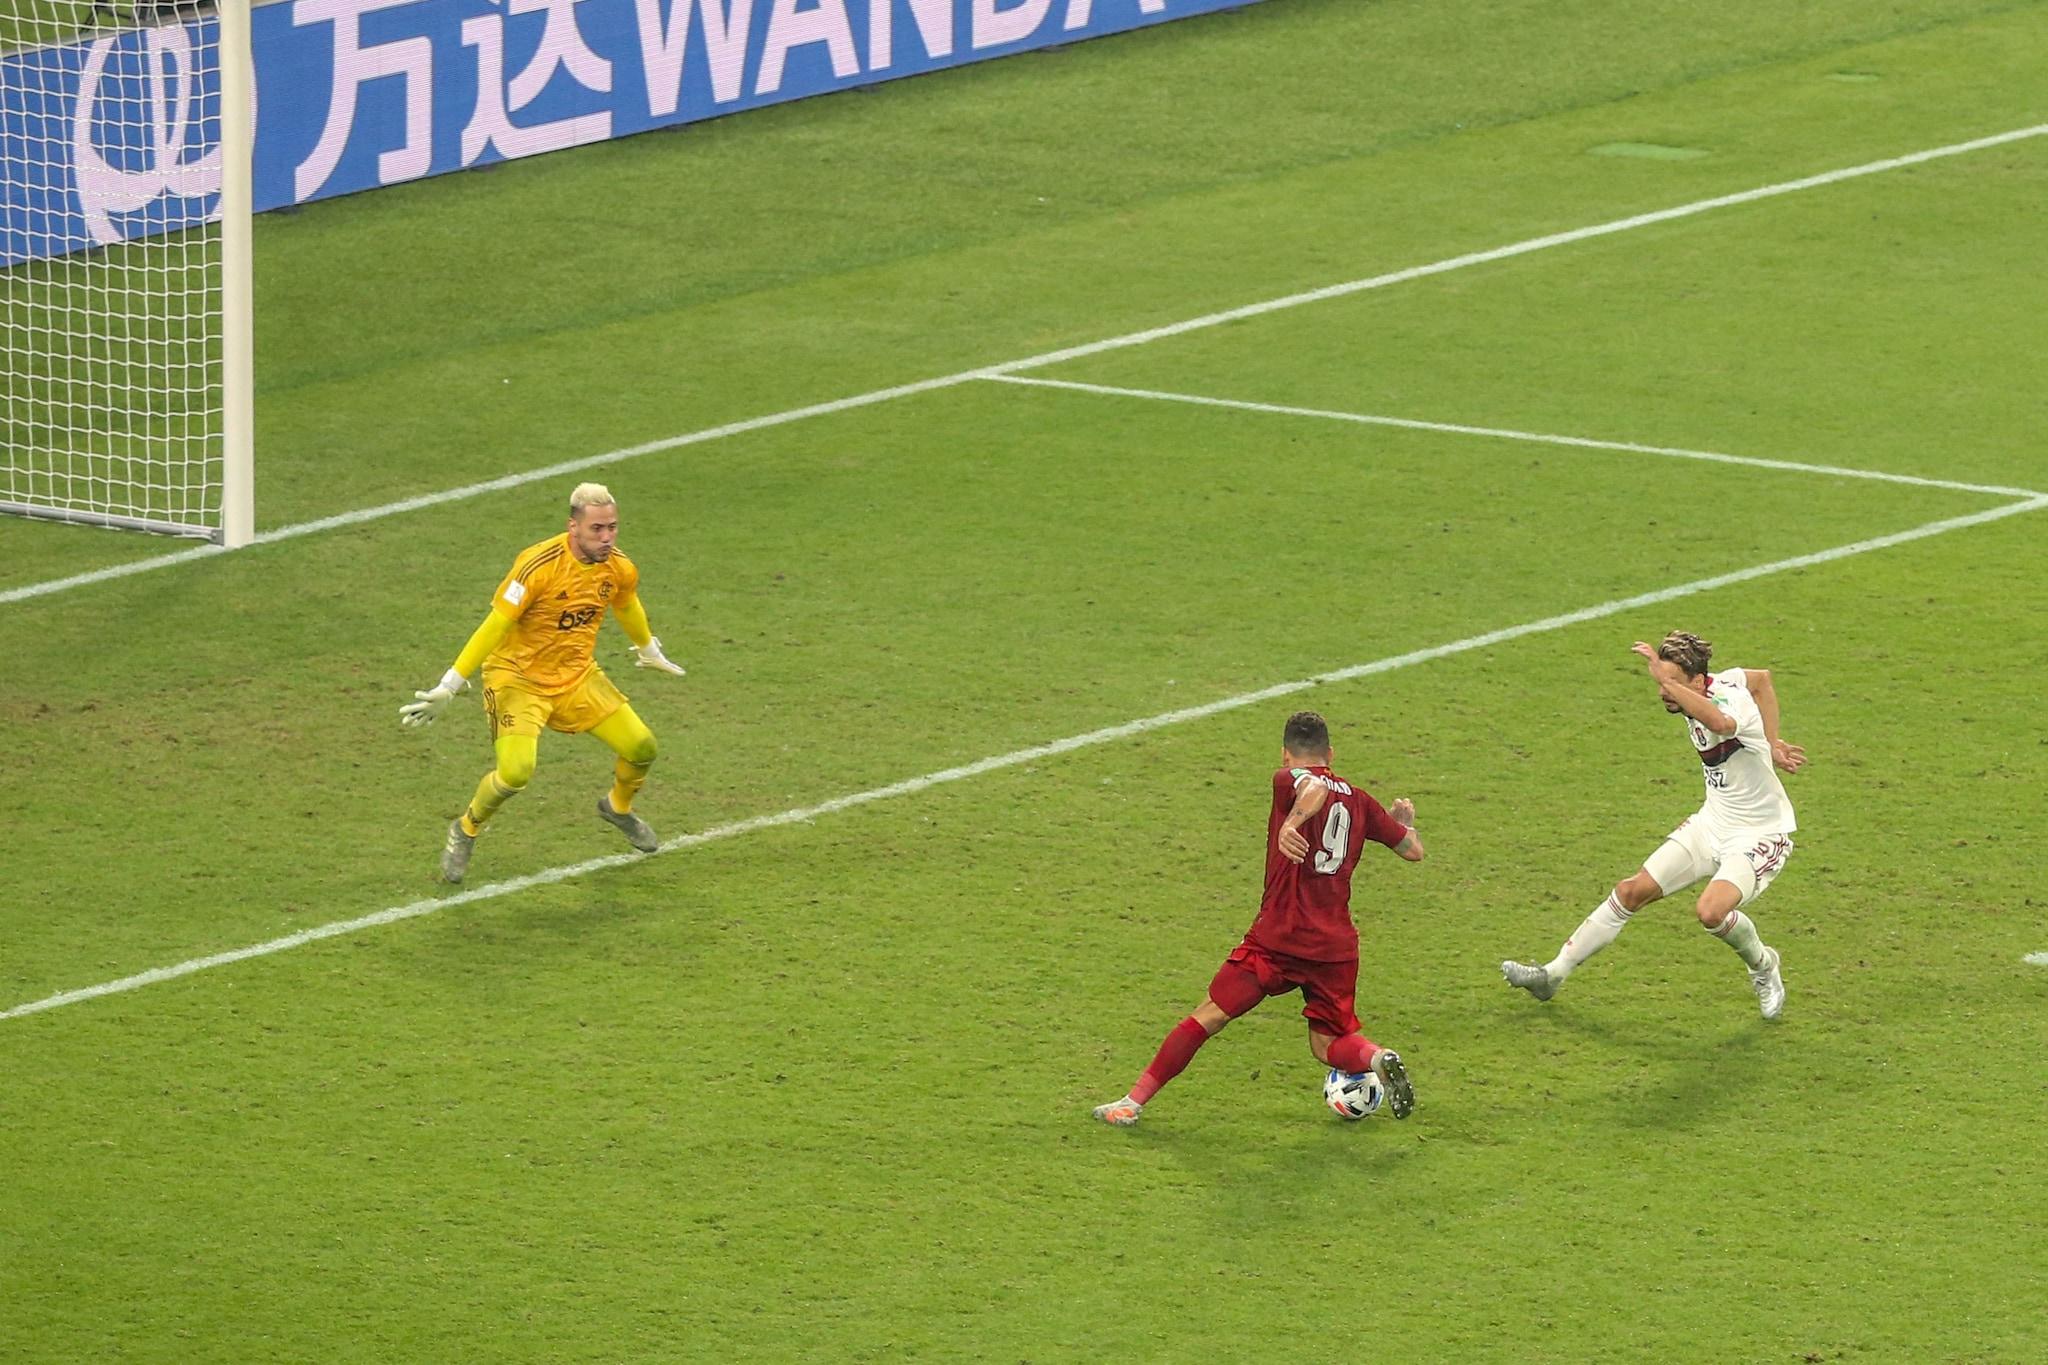 Il gol vittoria di Firmino.